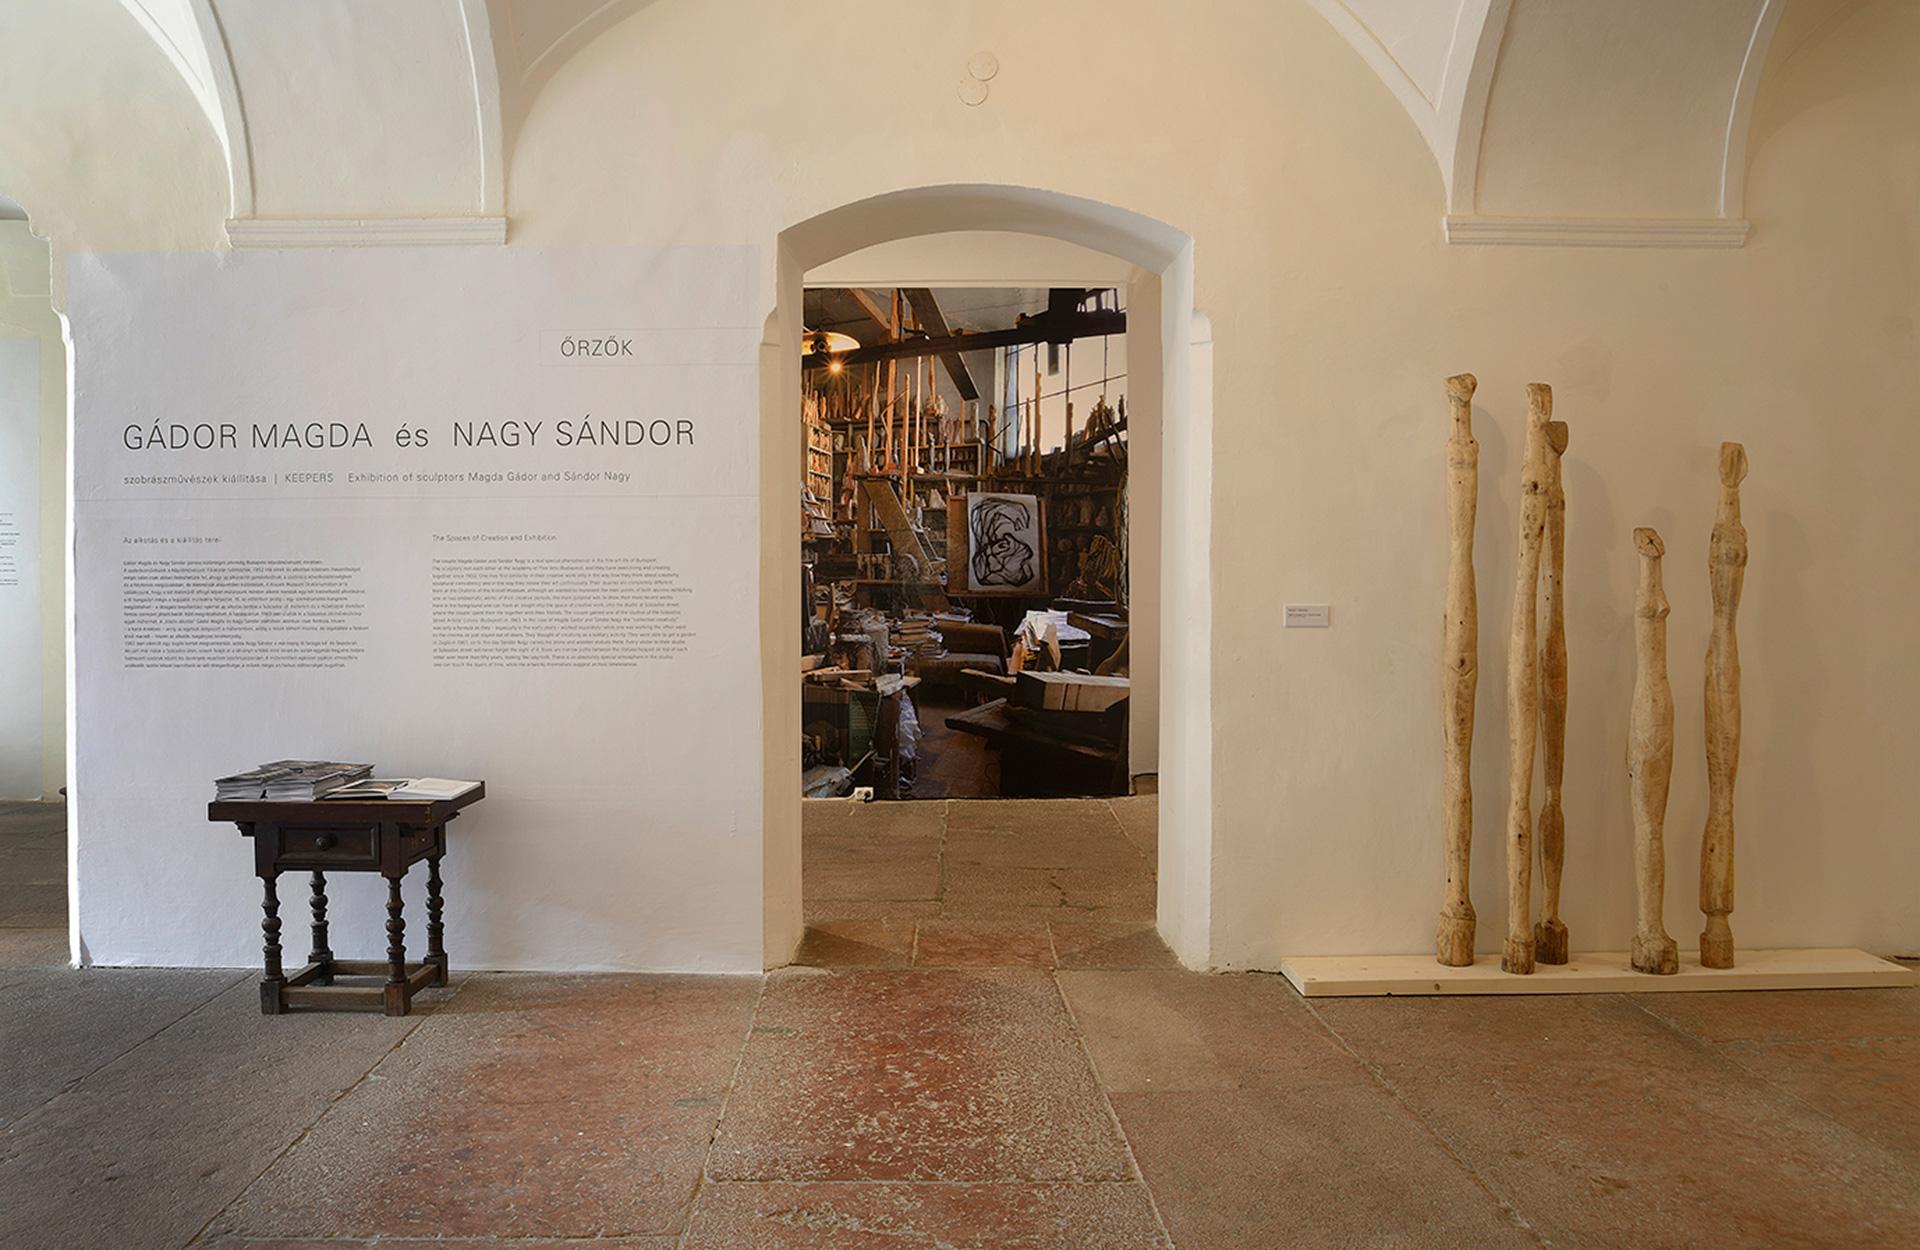 Őrzők | Gádor Magda és Nagy Sándor szobrászművészek kiállítása